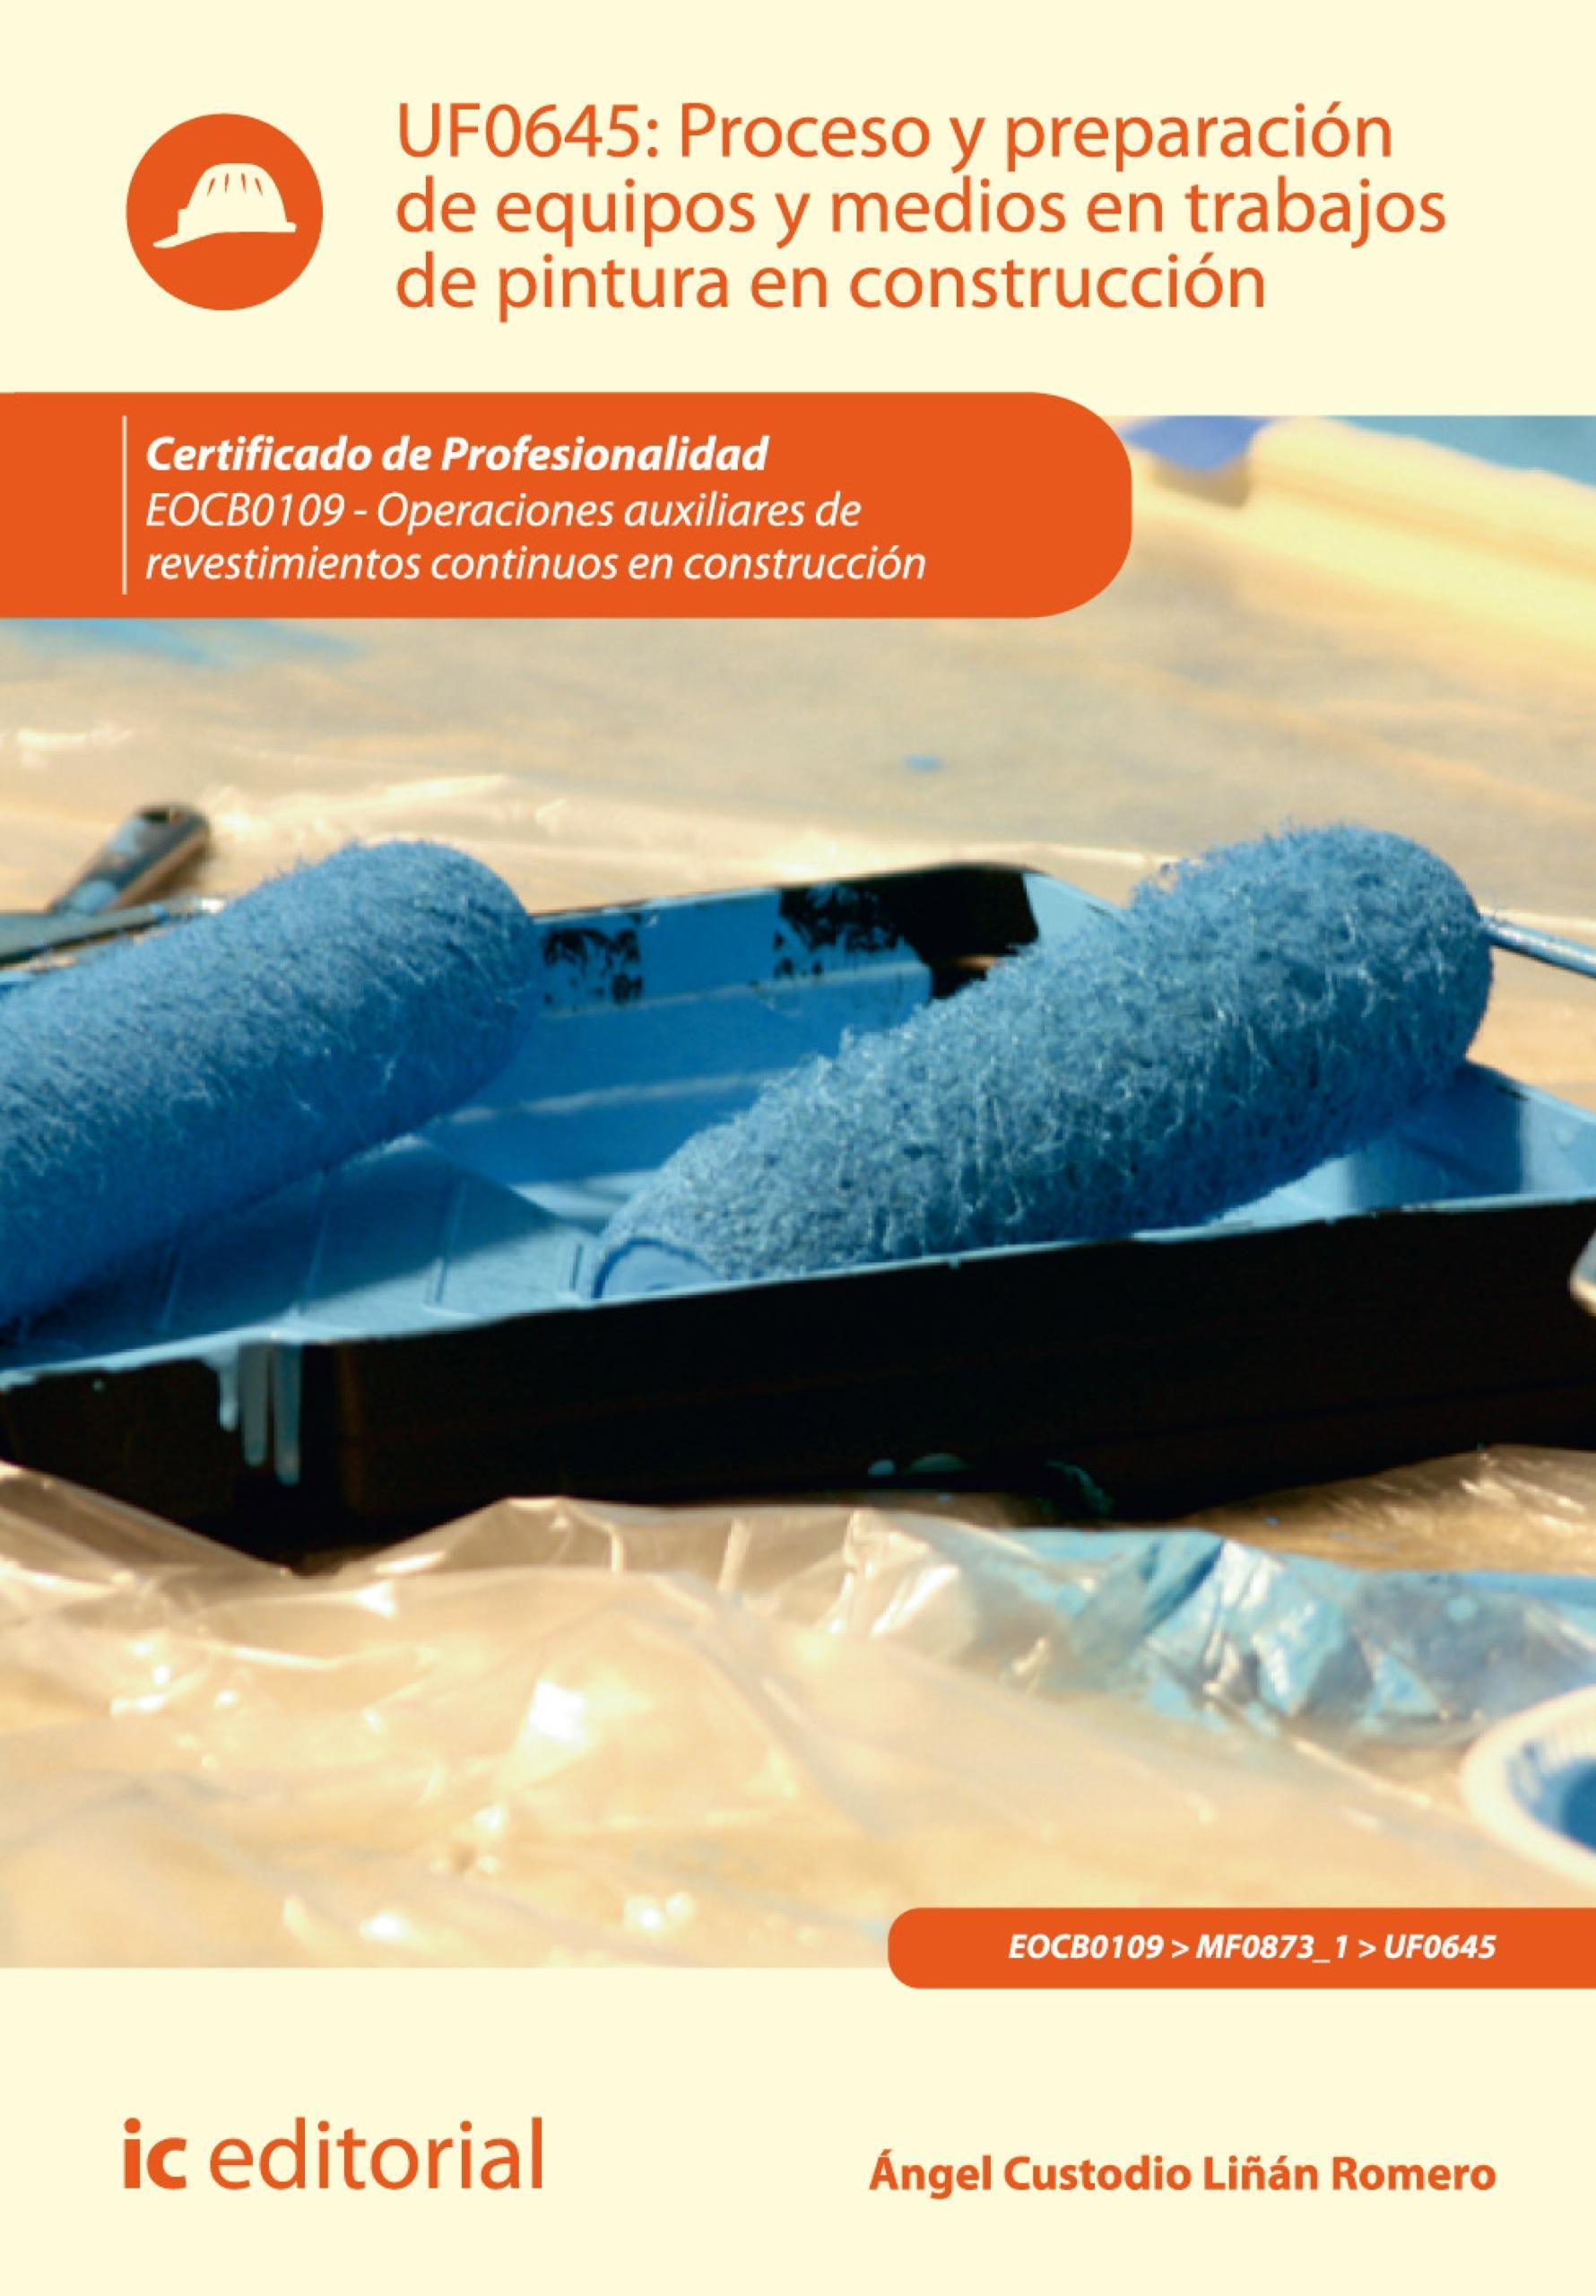 Proceso y preparación de equipos y medios en trabajos de pintura en construcción. EOCB0109